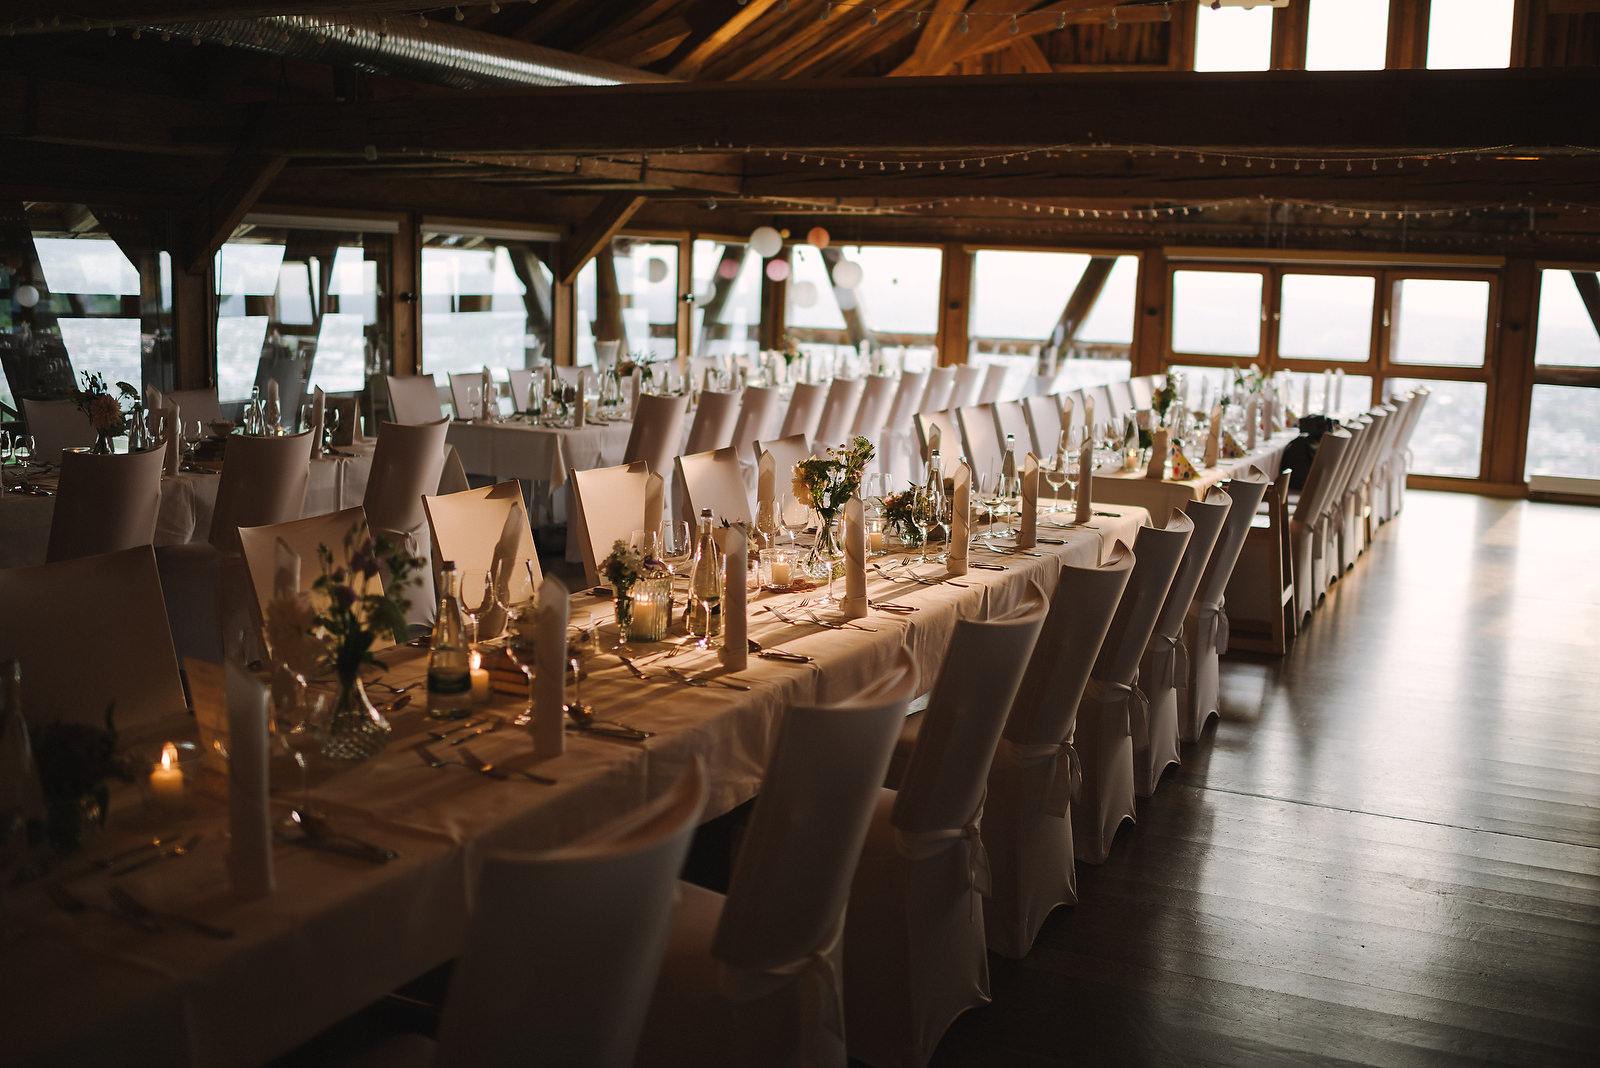 Fotograf Konstanz - Hochzeitsfotograf Reutlingen Achalm Hochzeit EFP 73 - Documentary wedding story on the Achalm, Reutlingen  - 57 -